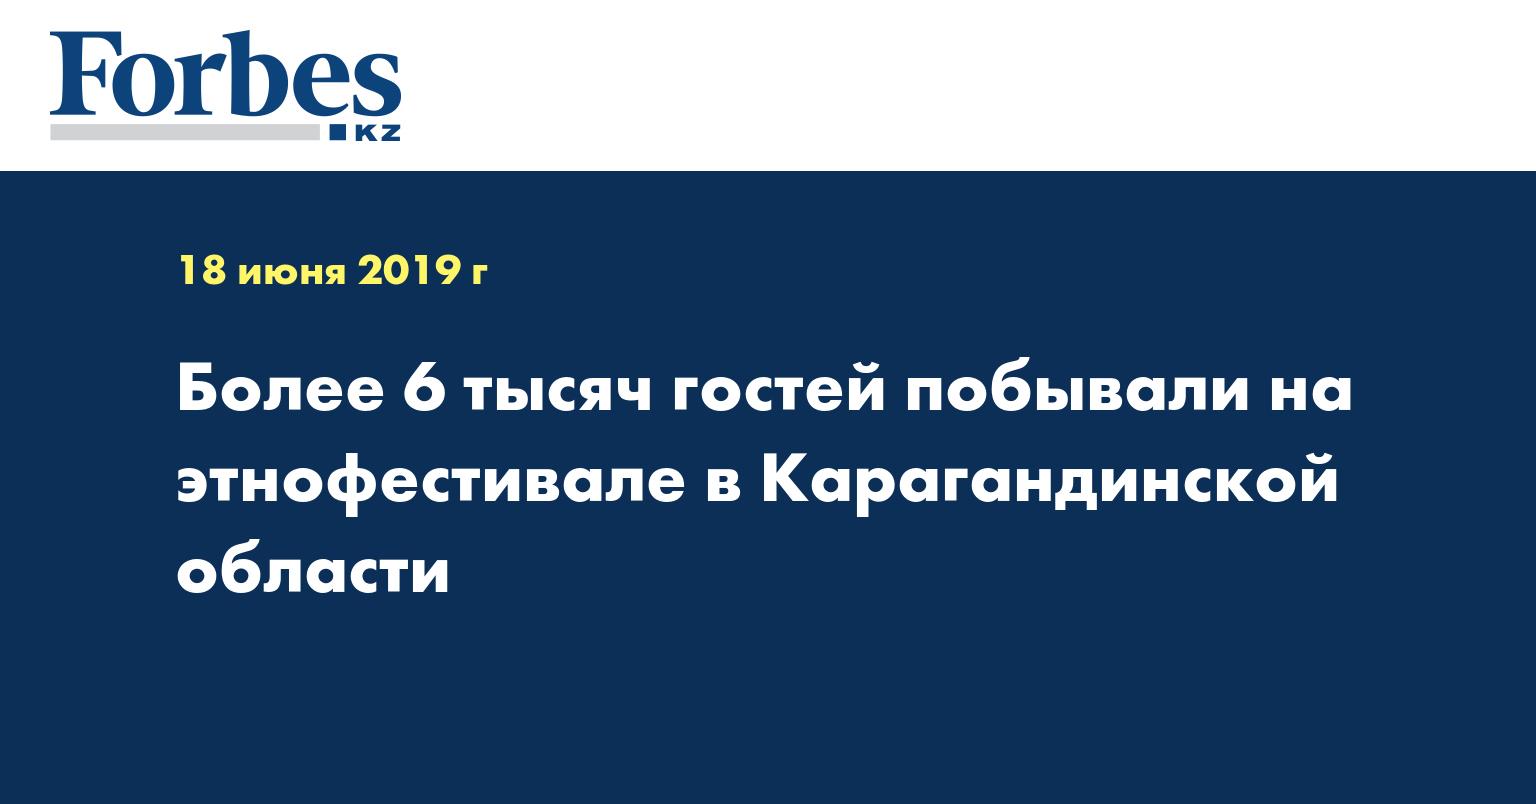 Более 6 тысяч гостей побывали на этнофестивале в Карагандинской области